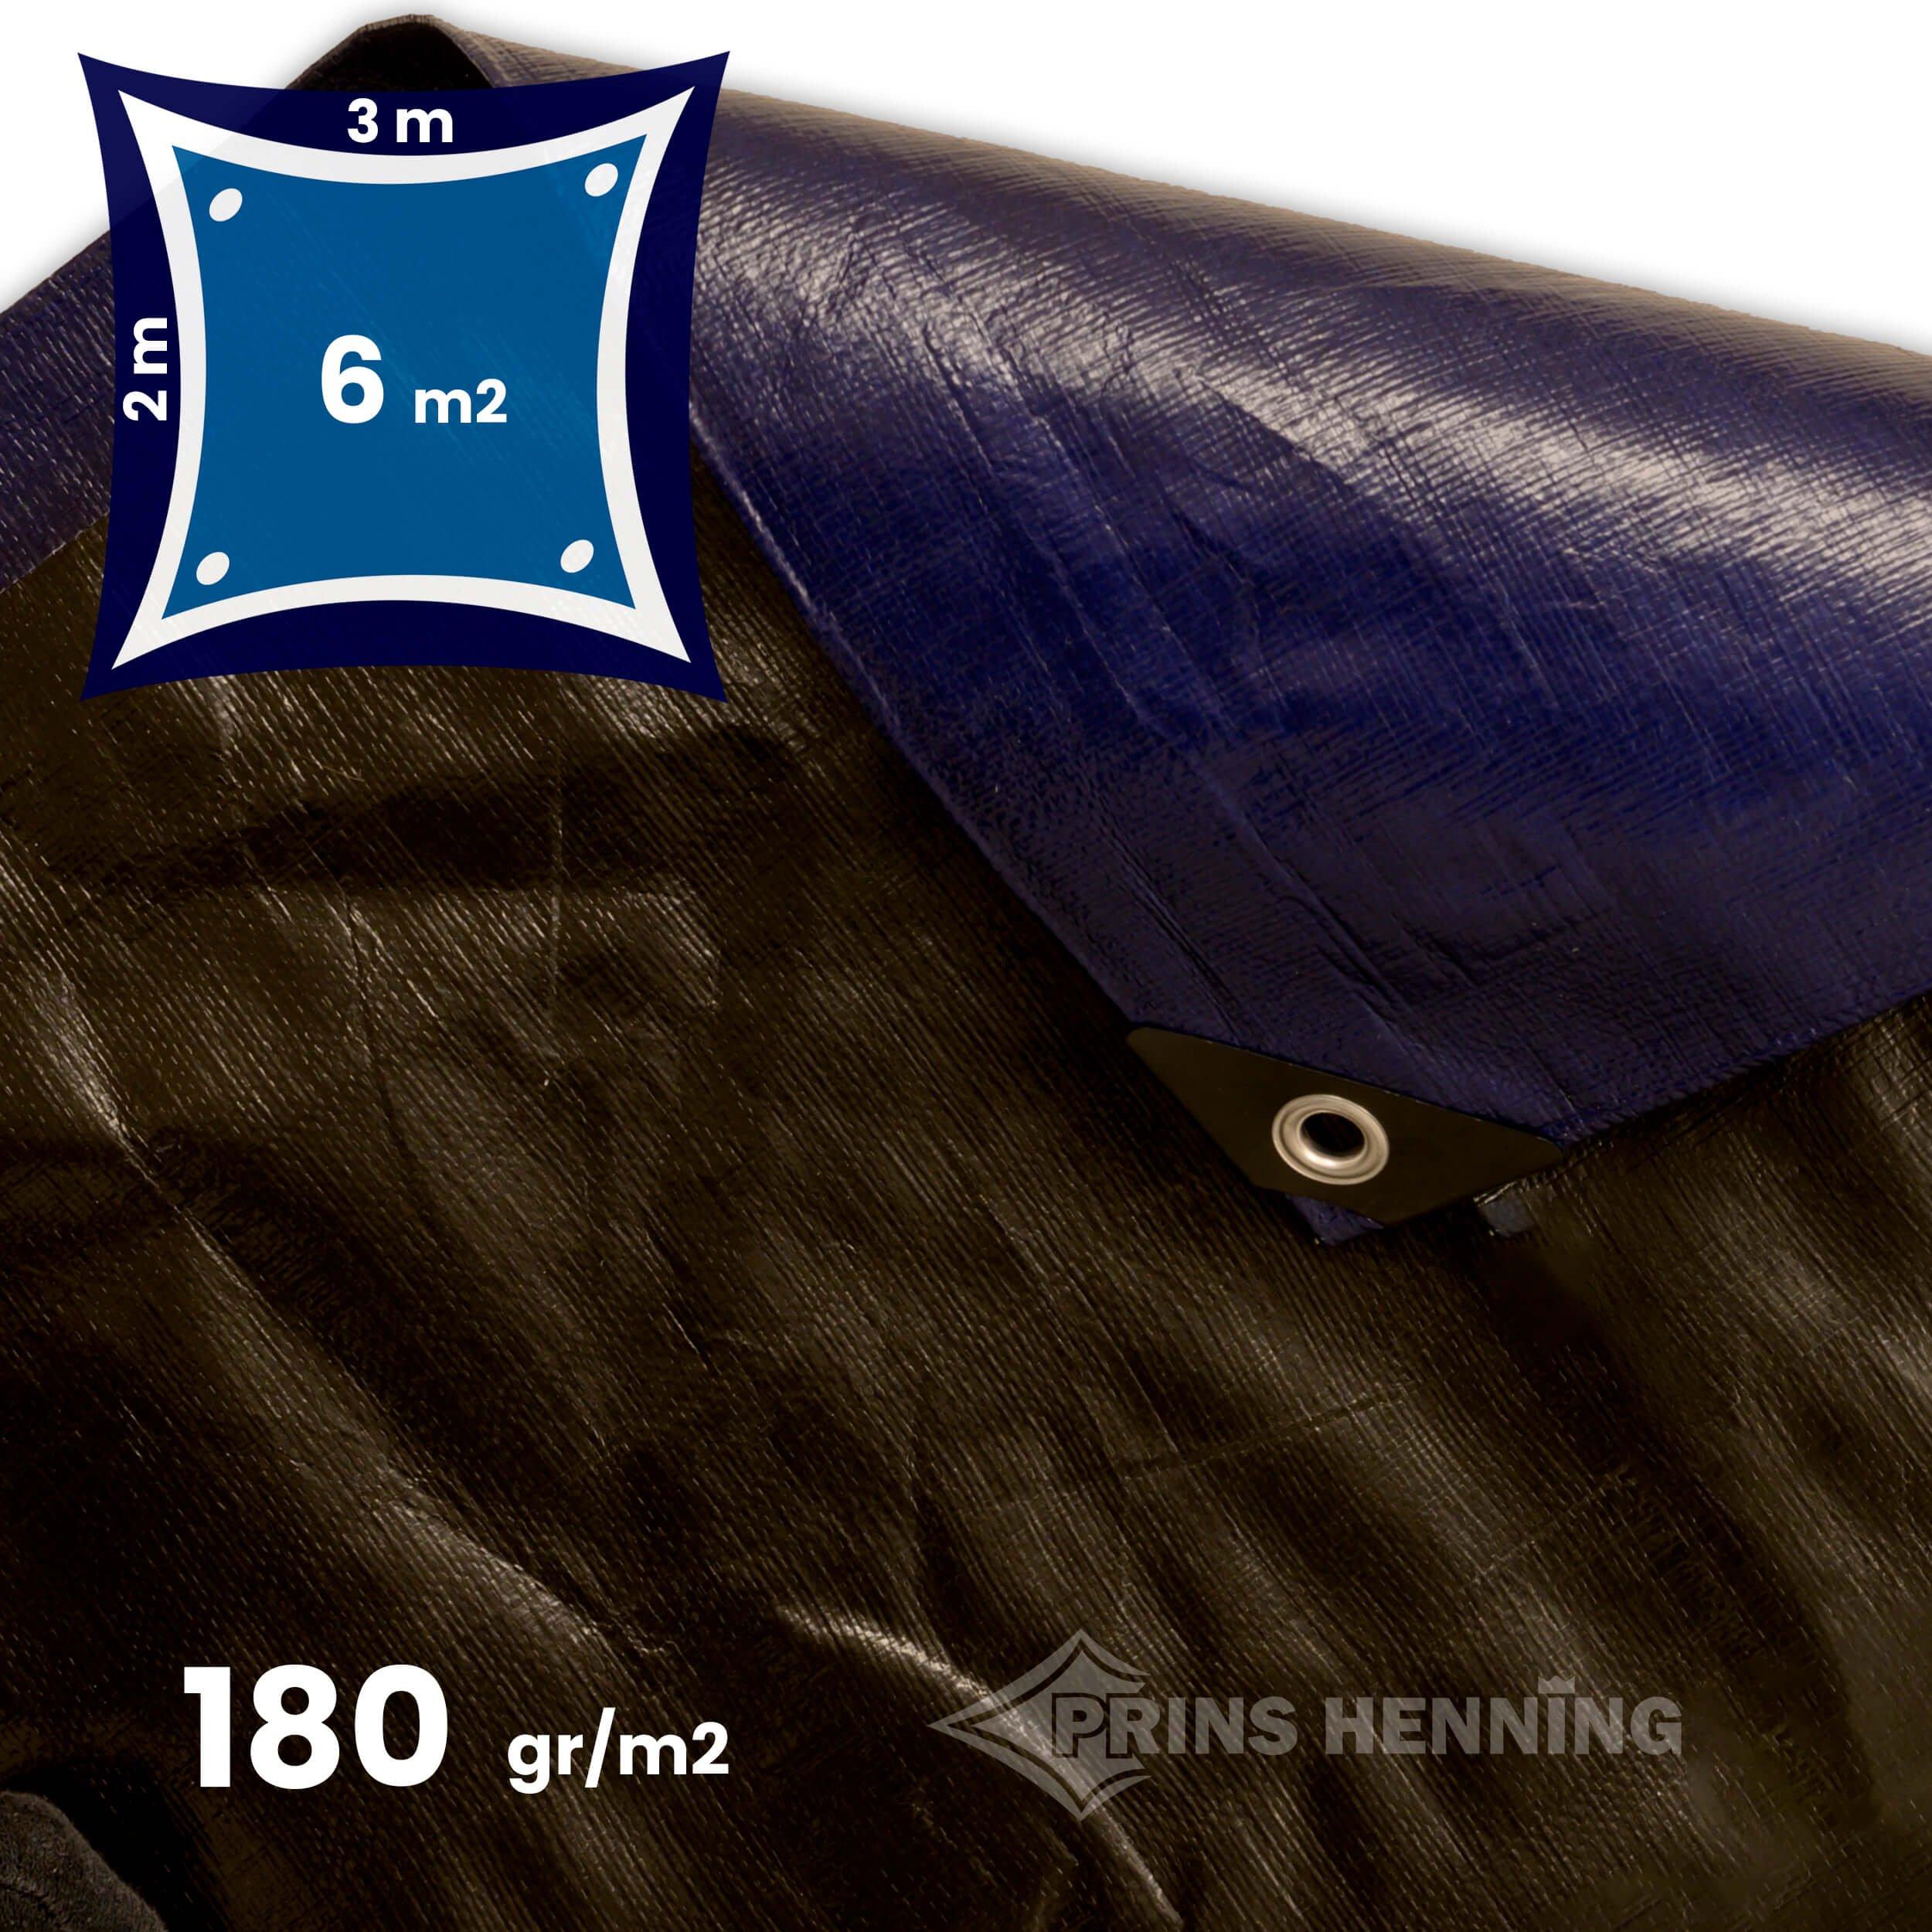 Ultra Stærk presenning, 2x3 meter, blå/sort, 180 gr/m2